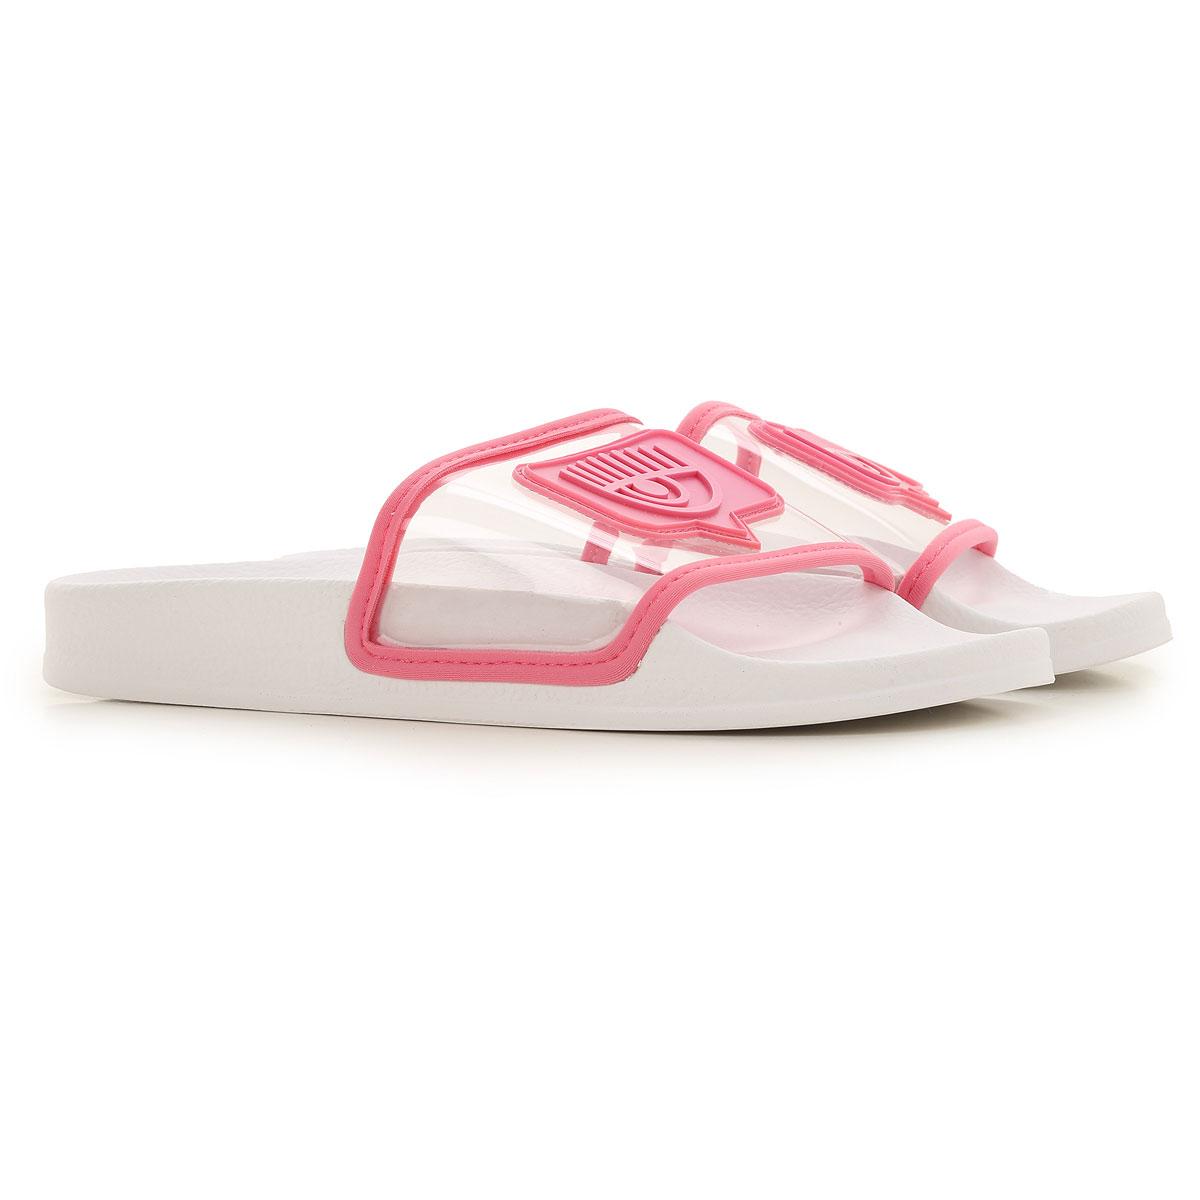 Chiara Ferragni Sandals for Women On Sale, White, Rubber, 2019, 10 11 6